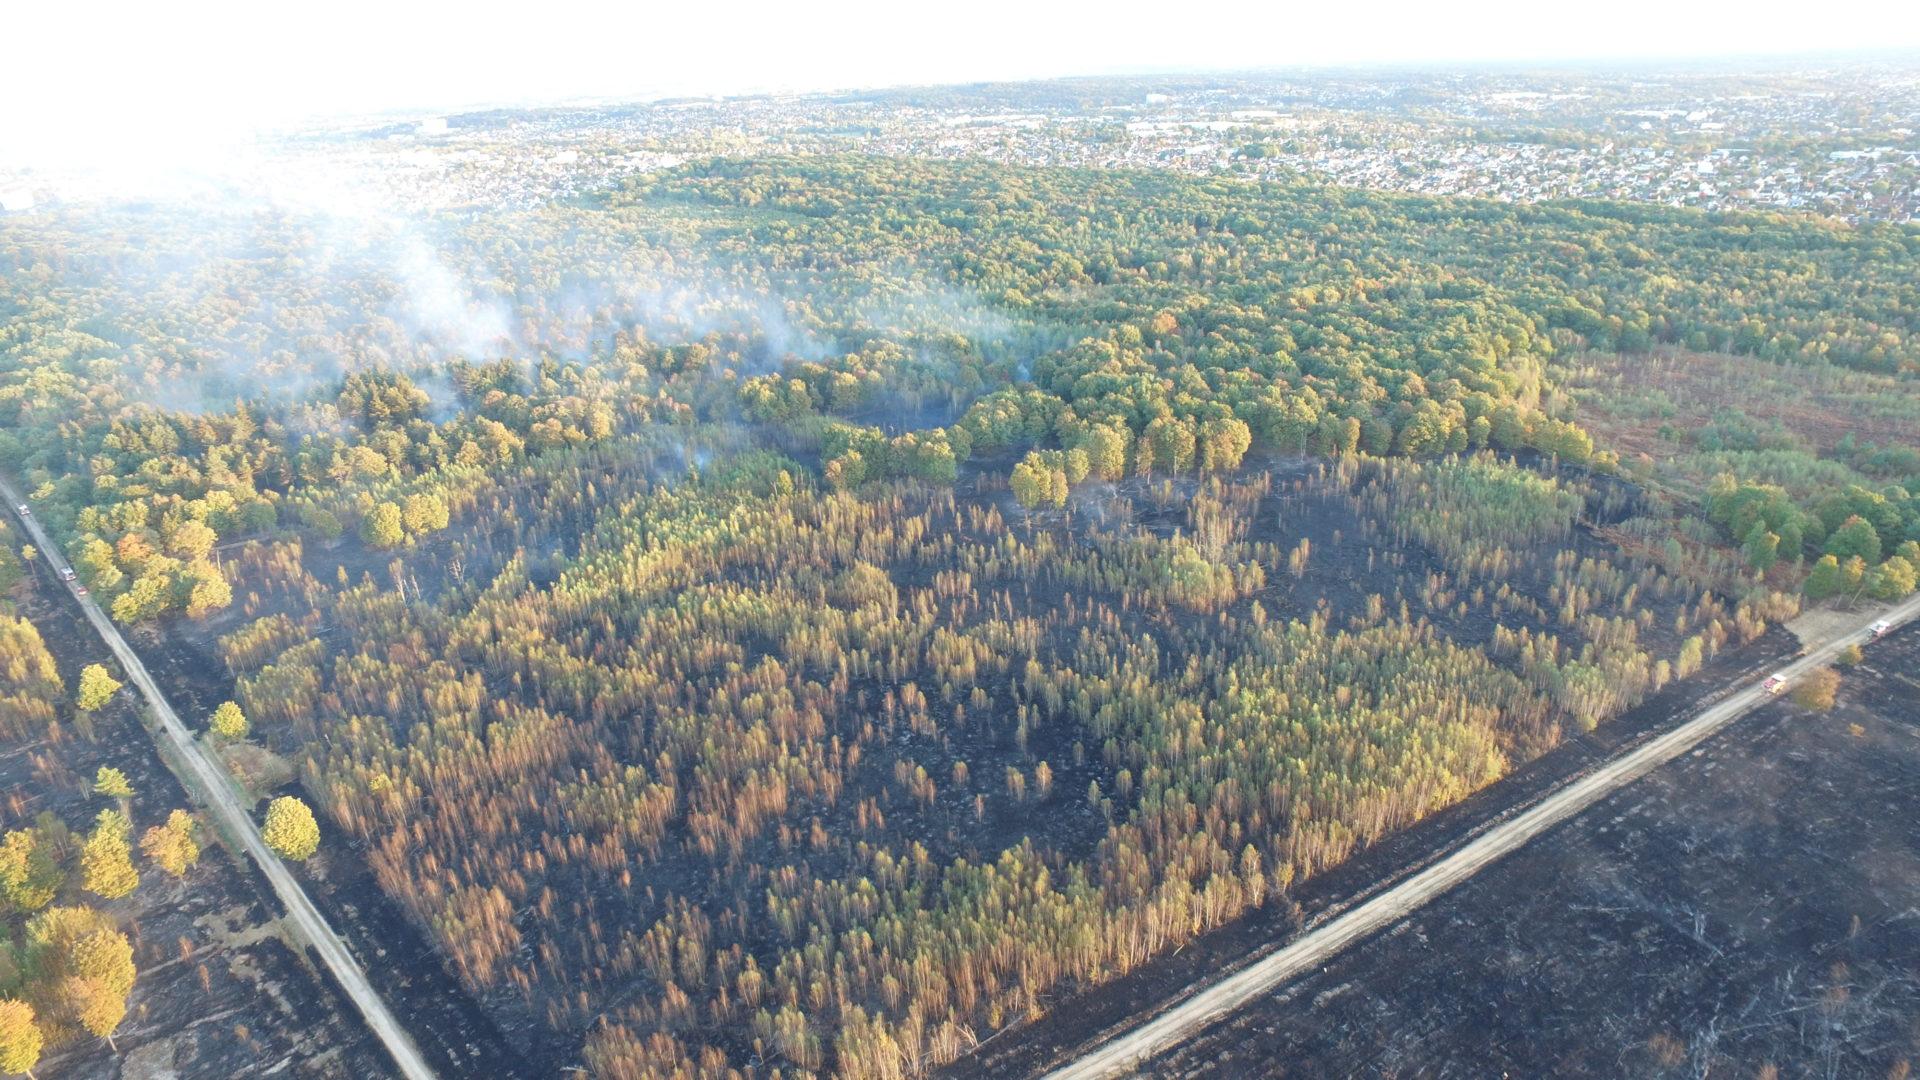 🇫🇷 Sénart (91) : 60 hectares de forêt ravagés par le feu